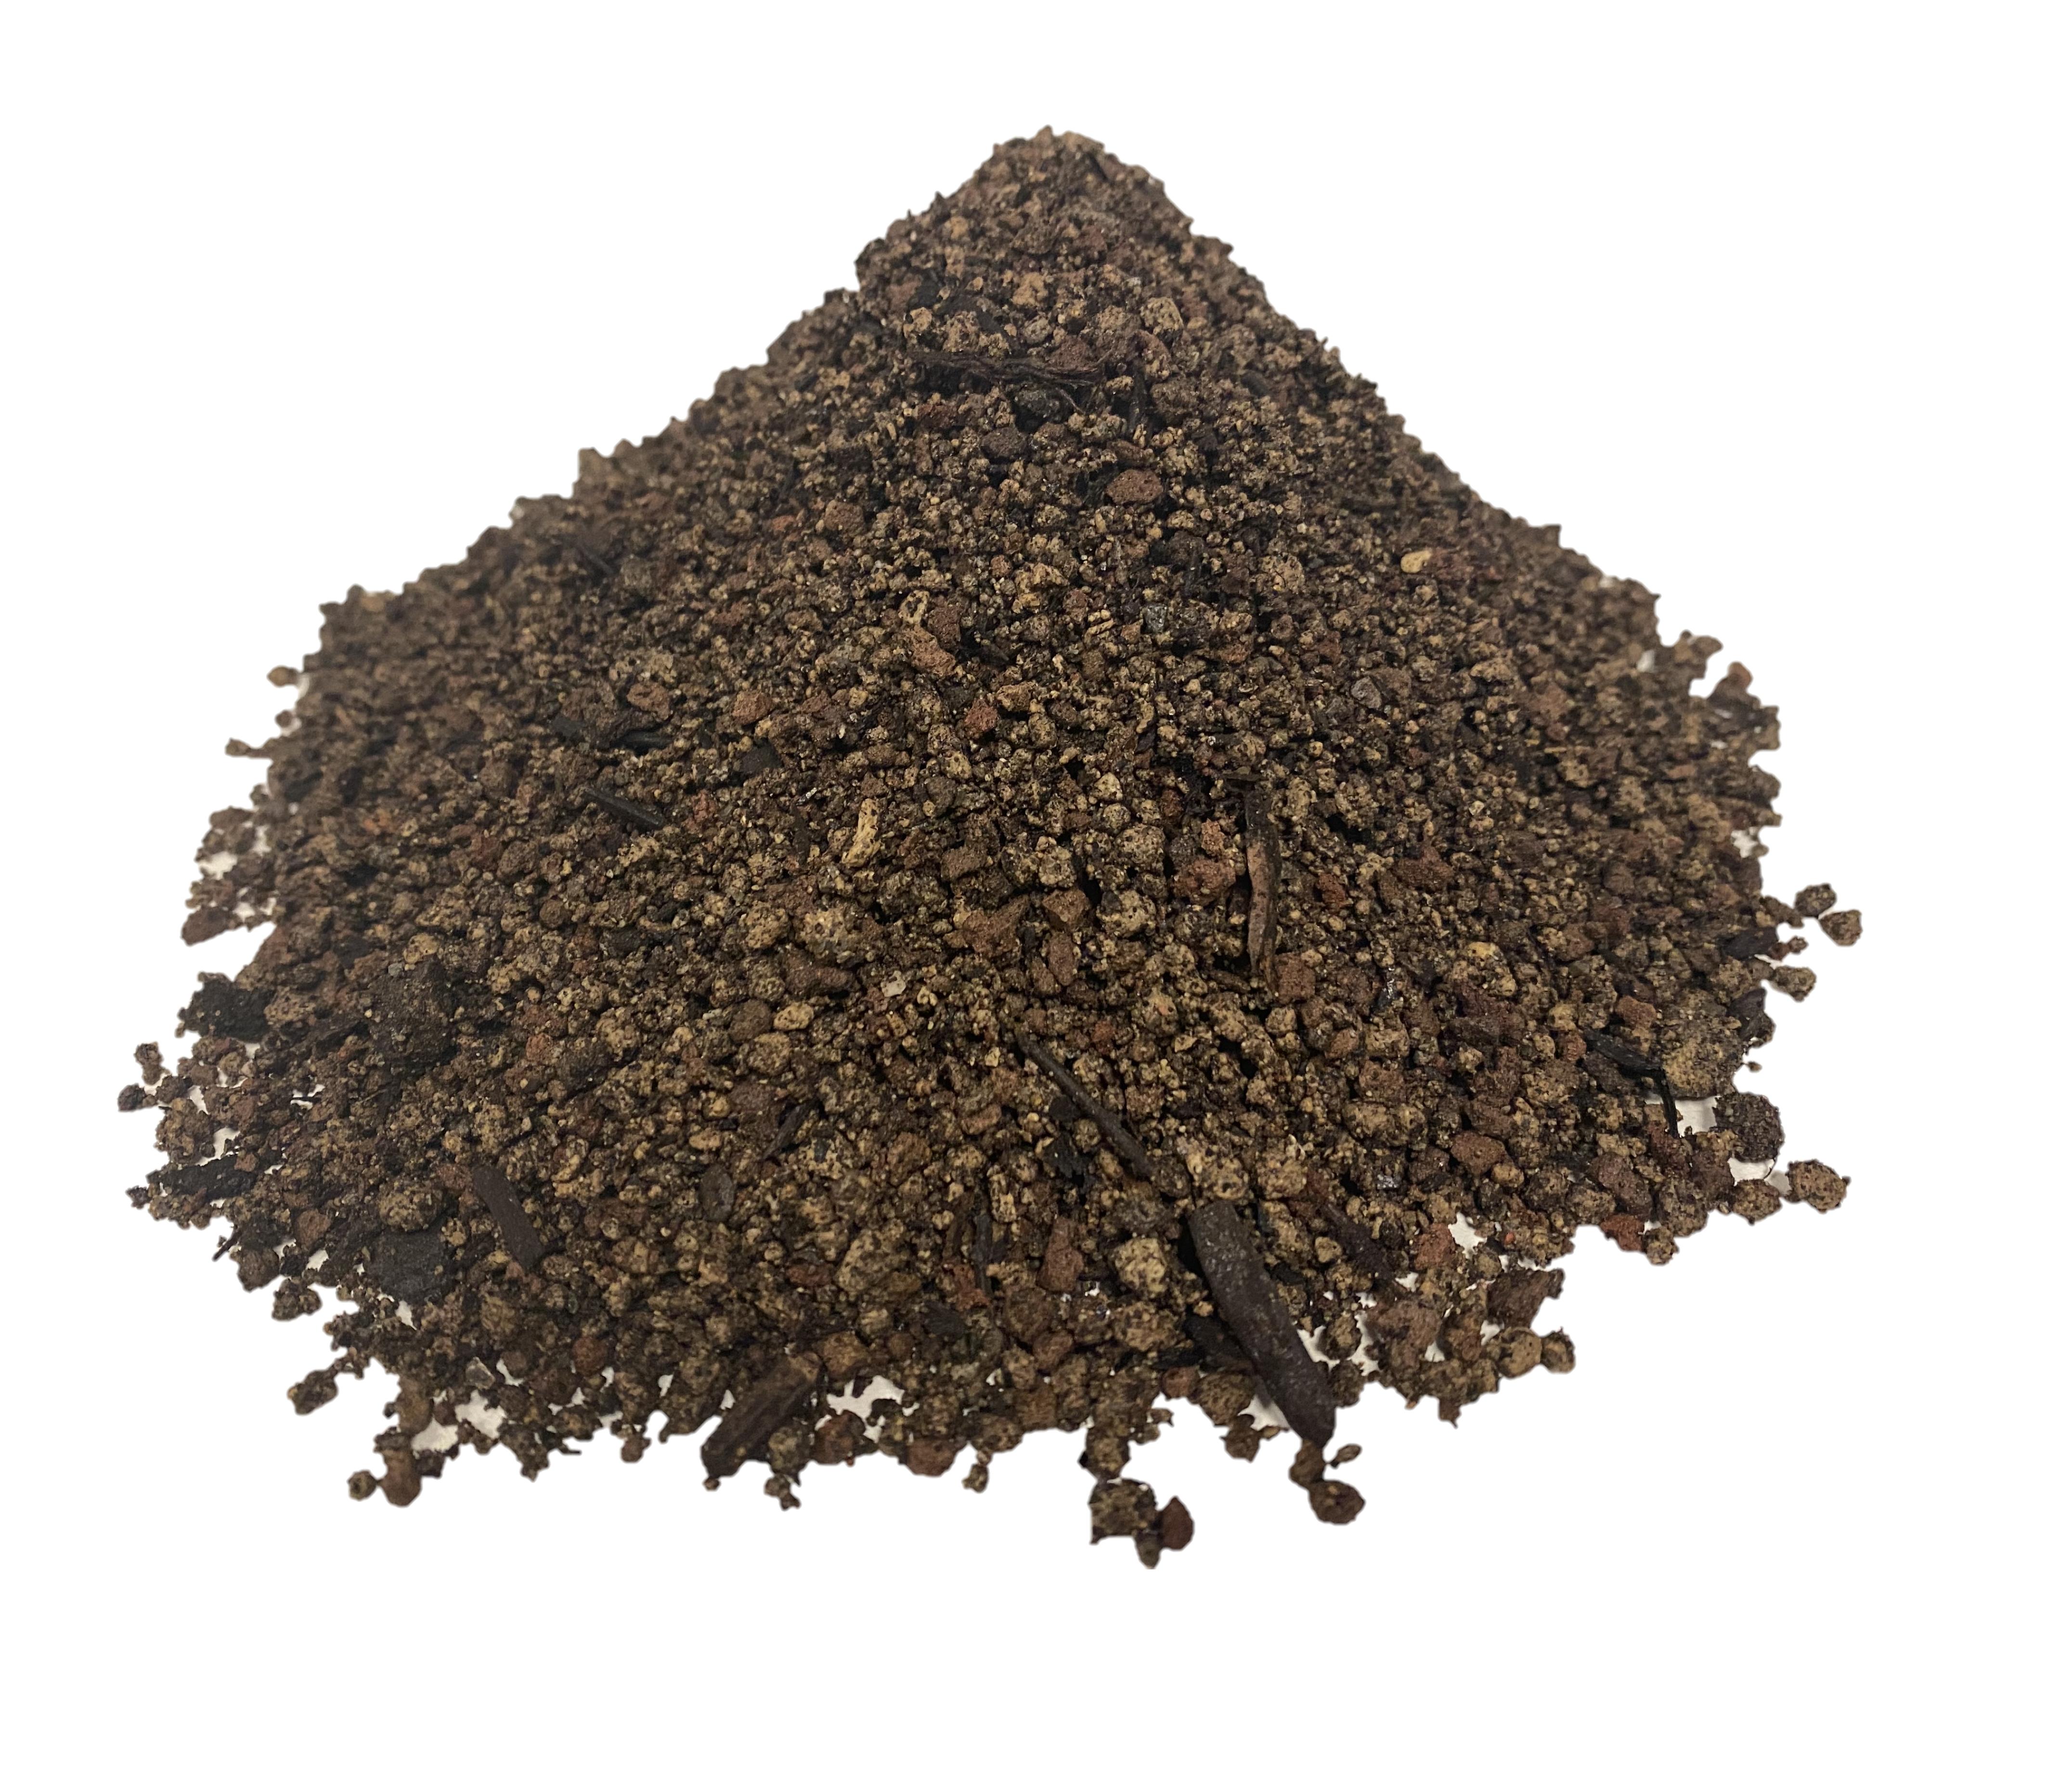 Rotopor Rasensubstrat Körnung 0-4 mm